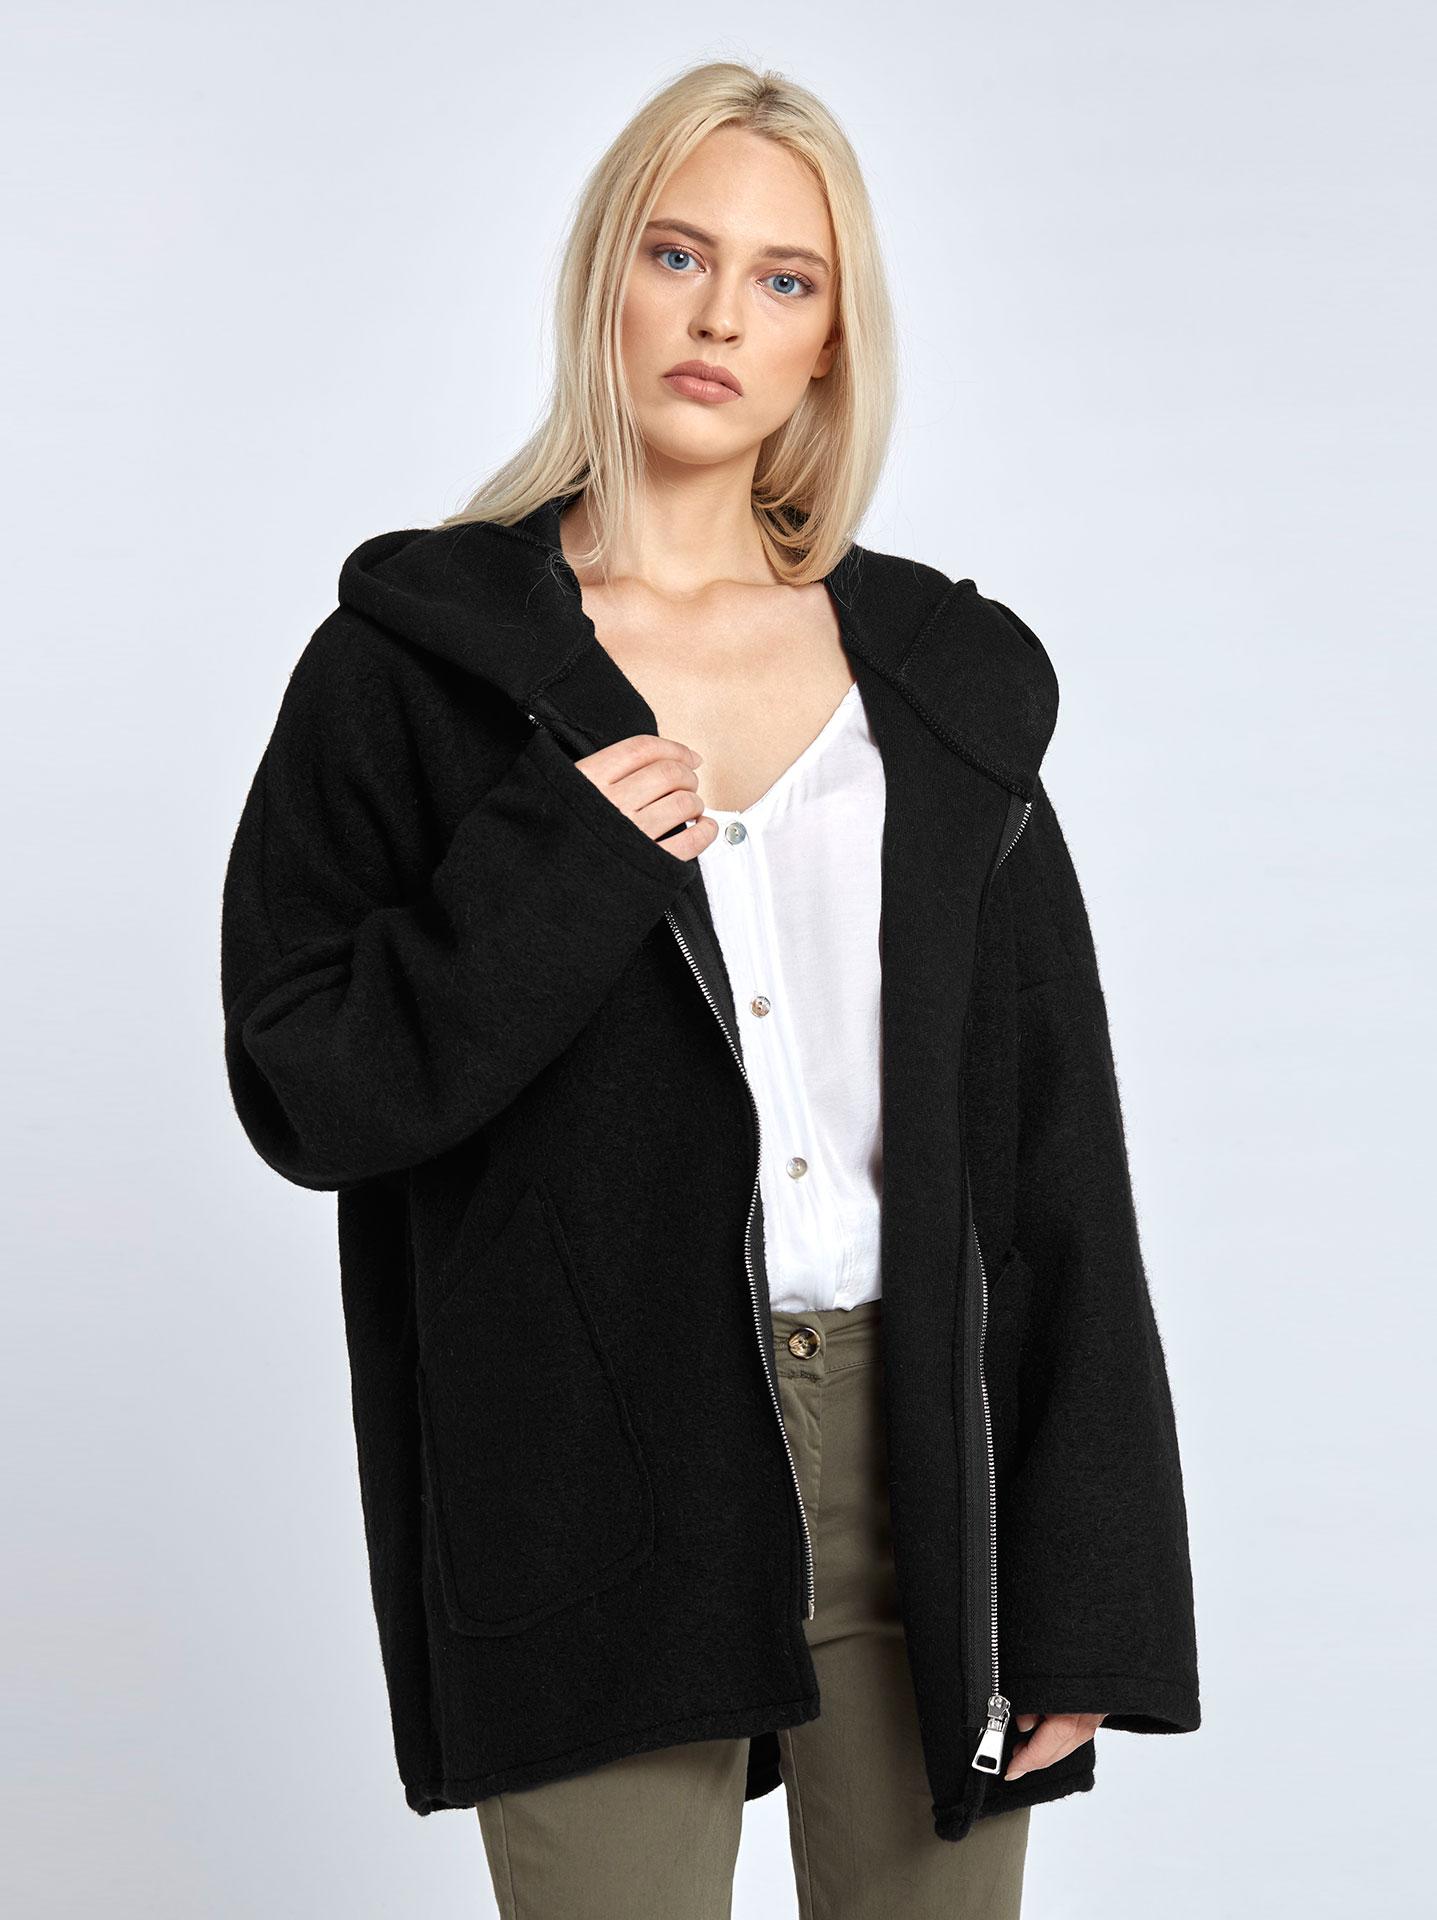 Μπουκλέ παλτό με κουκούλα σε μαυρο a109bedb64e